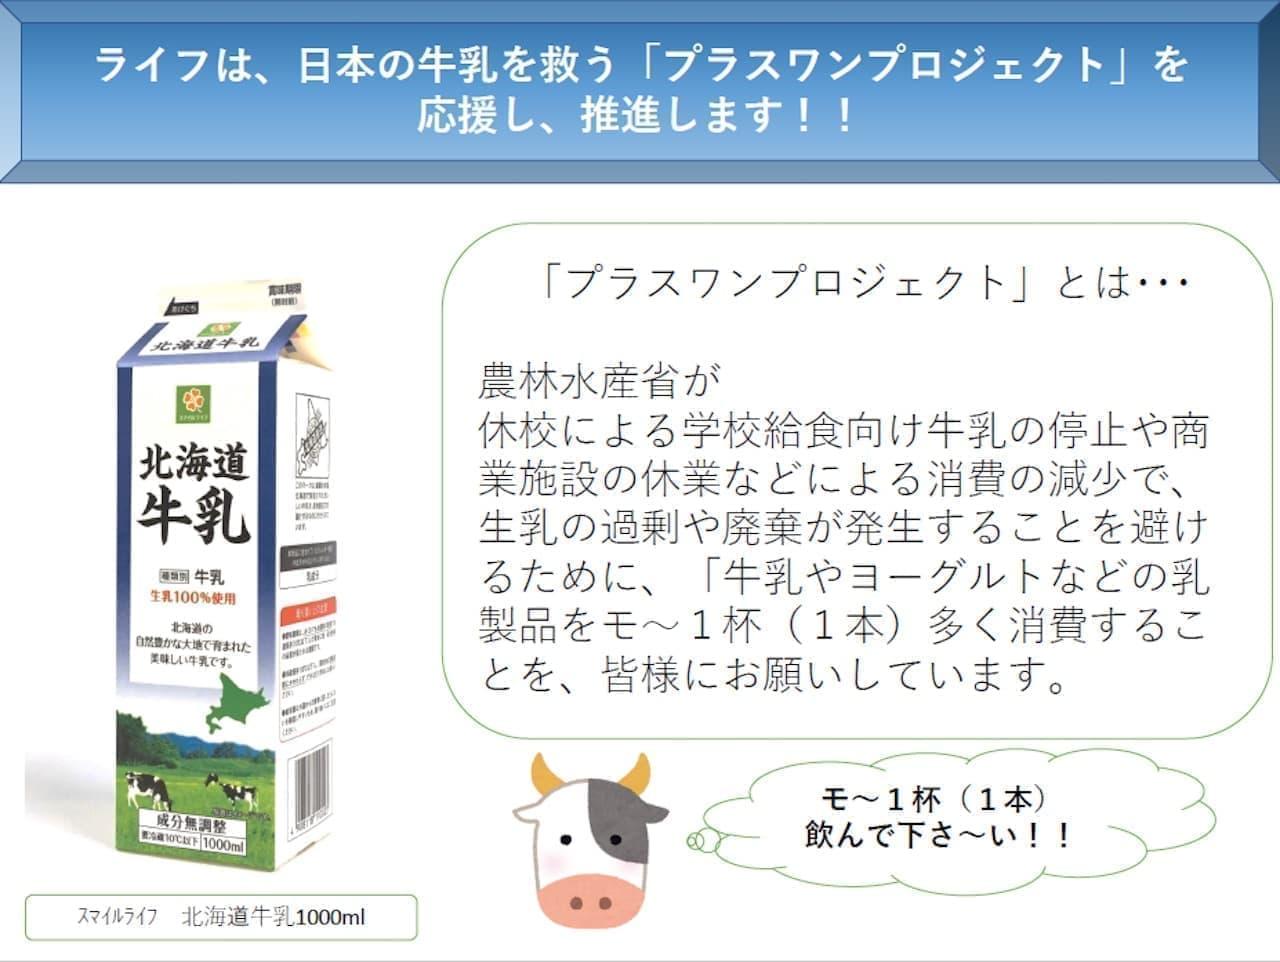 首都圏ライフが6月中「スマイルライフ北海道牛乳」をお買い得価格で